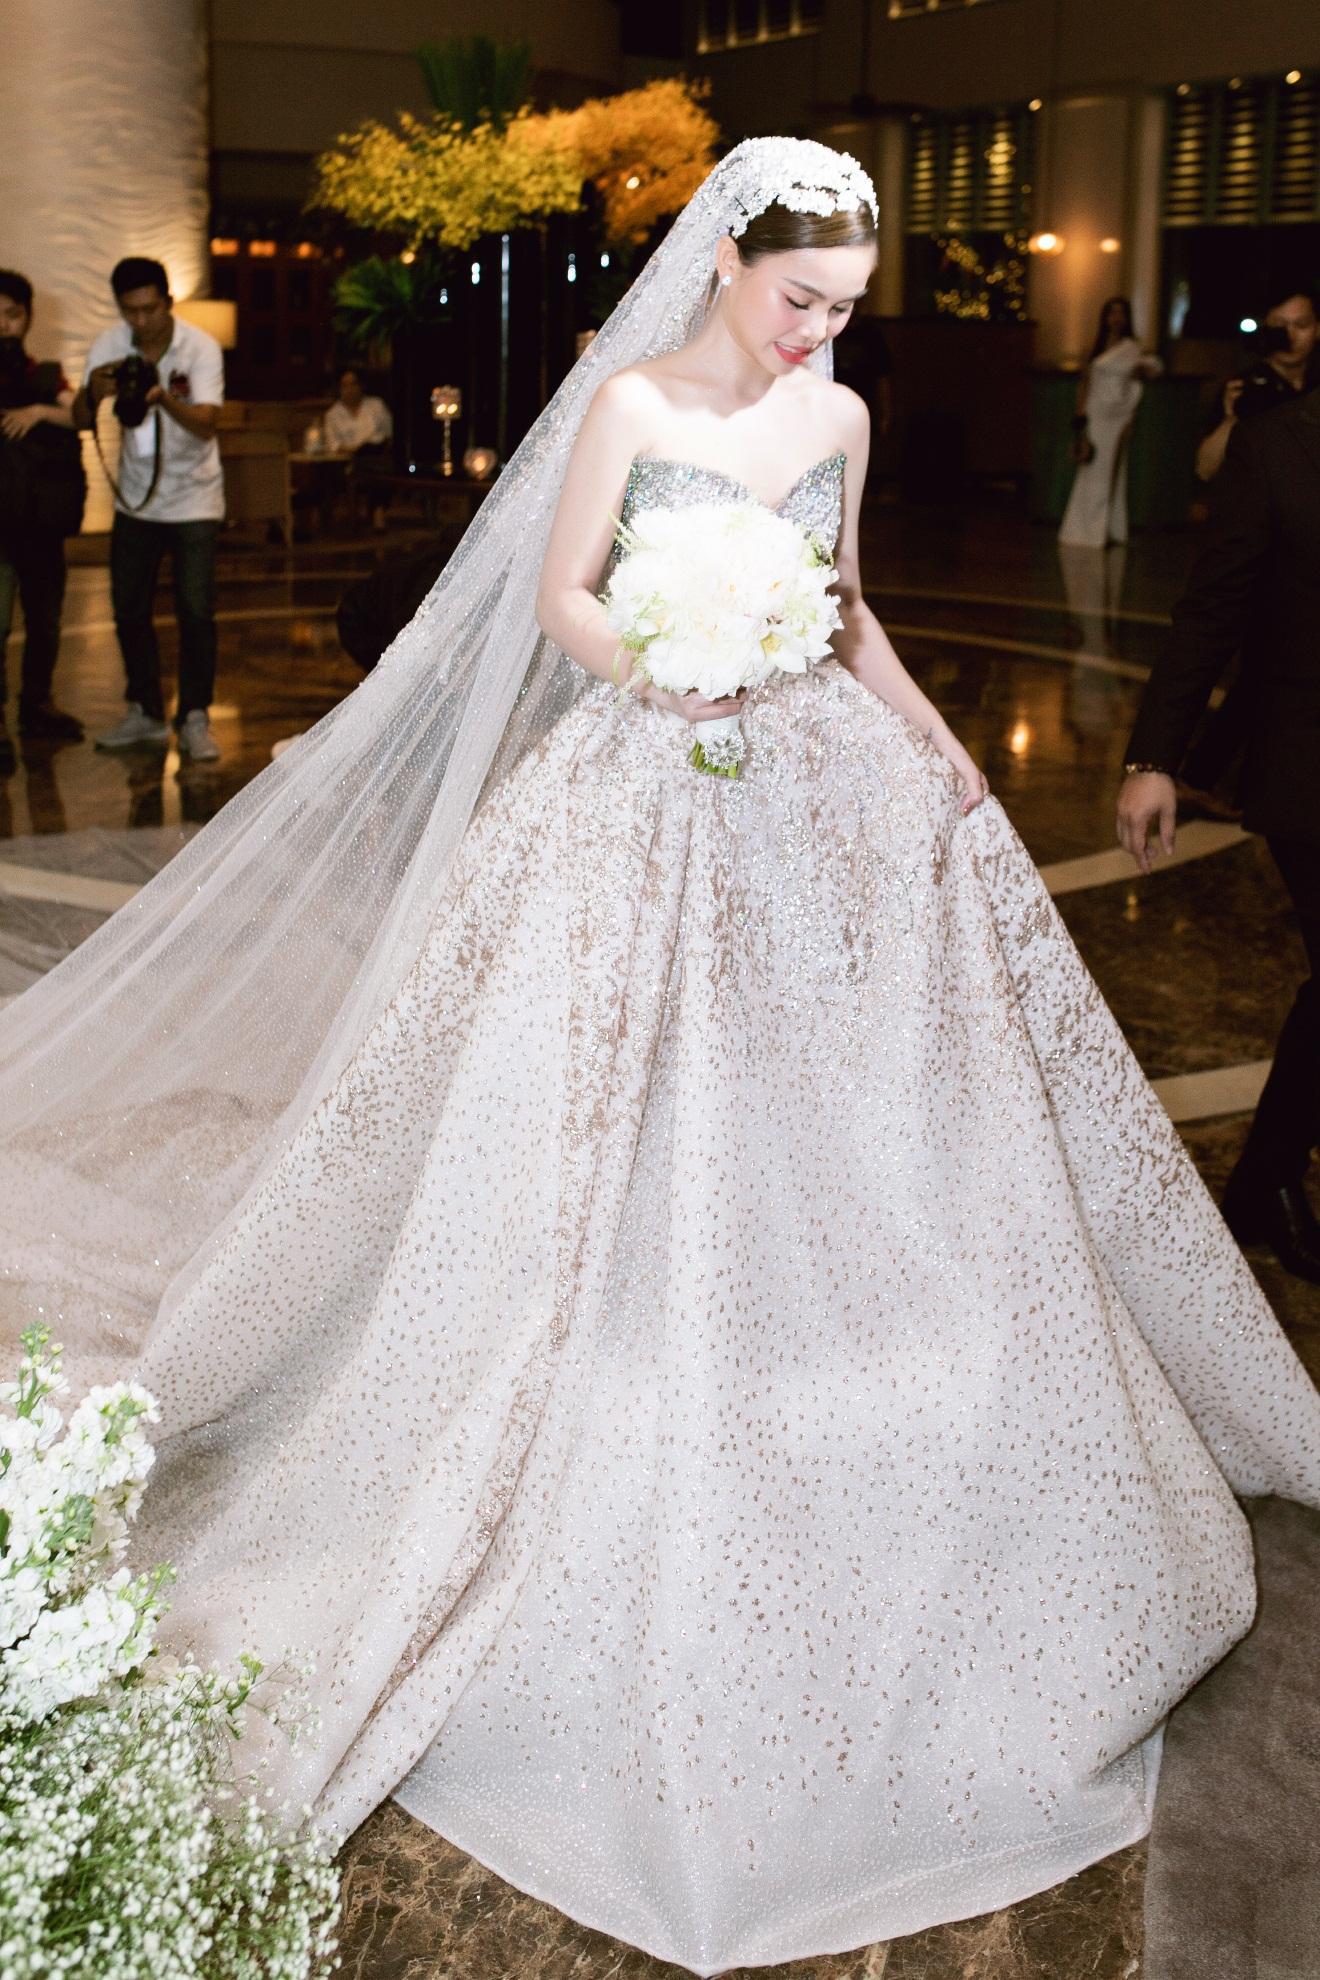 Ba mẫu váy cưới Hacchic Couture thực hiện cho Giang Hồng Ngọc kèm thông điệp ý nghĩa bất ngờ - Ảnh 4.